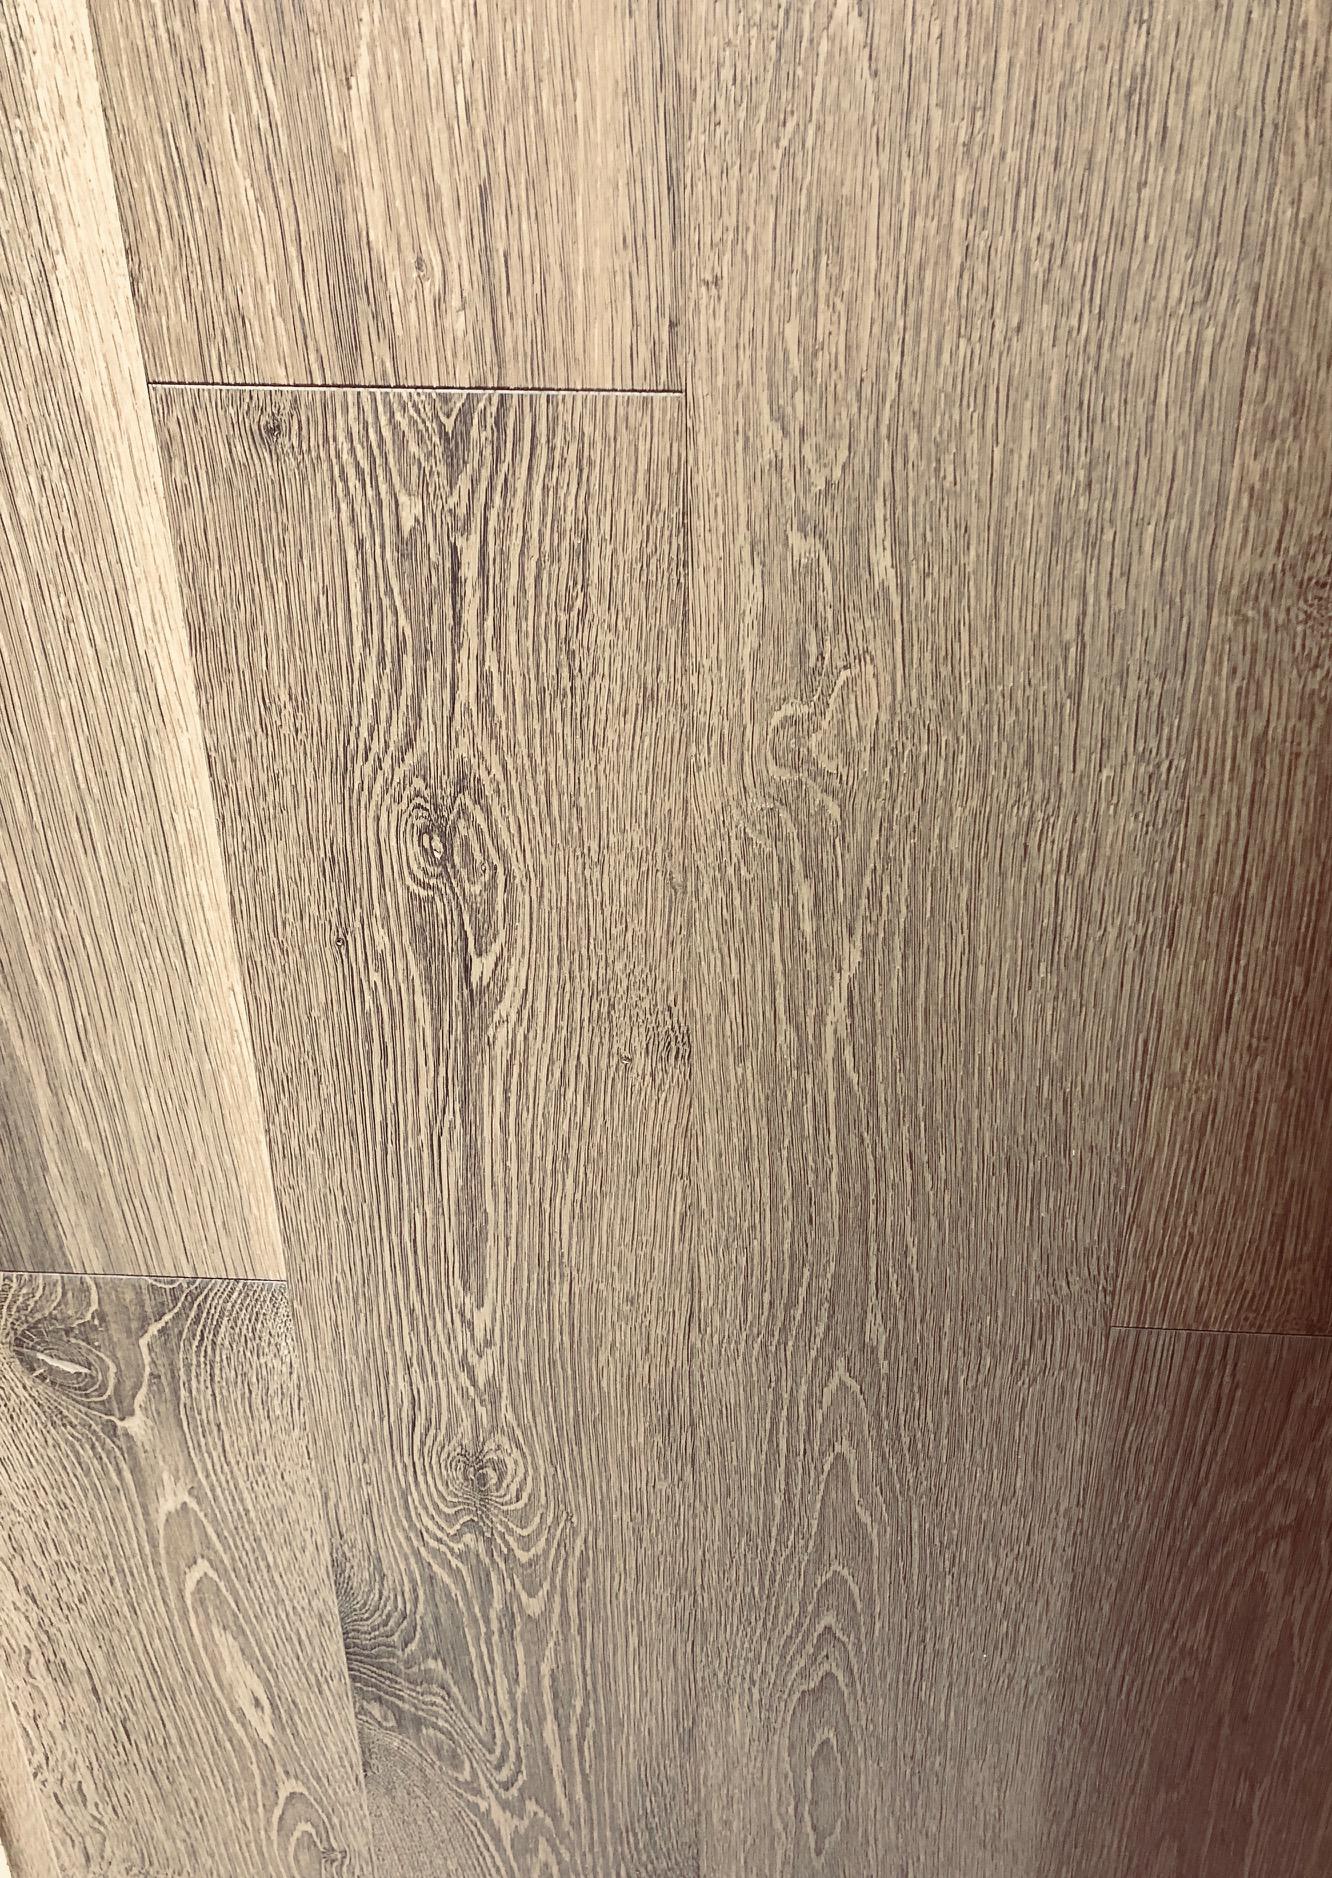 Chêne multiply rustique huilé fume sancerre - 190x22x1820x6mm de vrai bois